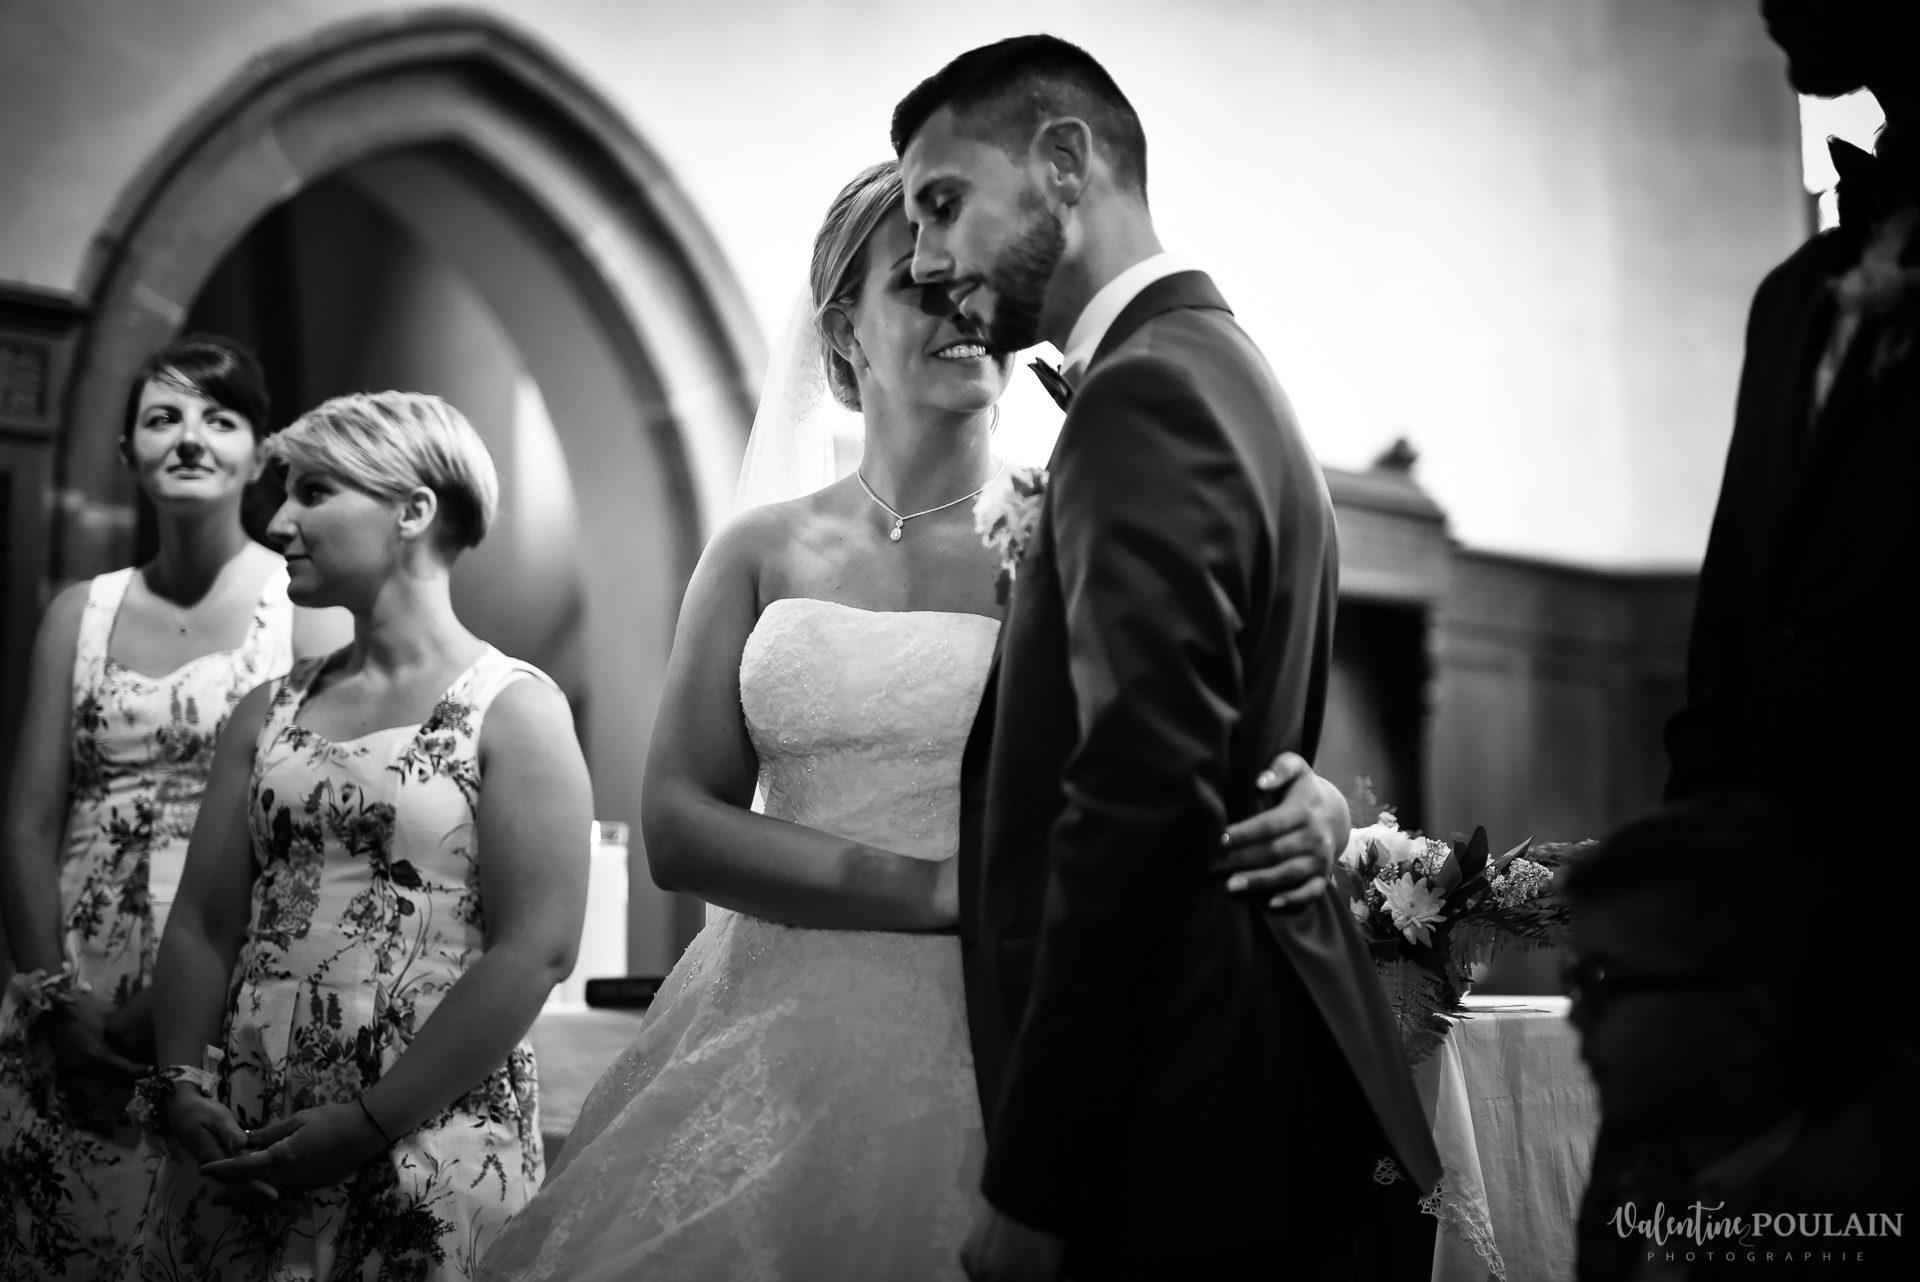 Mariage fun petit wetto eglise